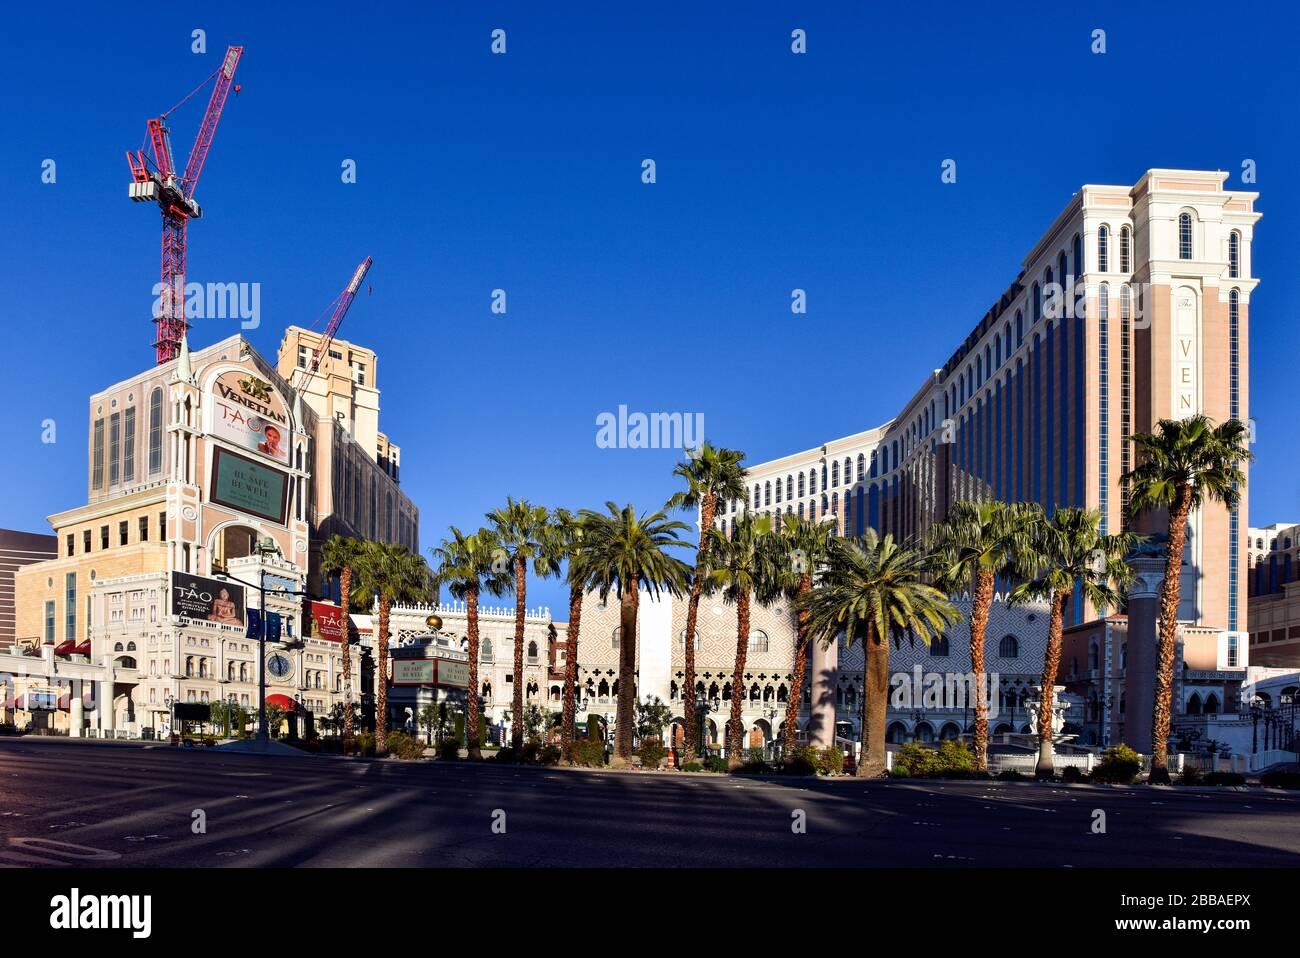 Una semana después del cierre de las Vegas debido al Coronavirus, el Strip está bastante vacío. No hay gente en las calles y todo está cerrado. Foto de stock